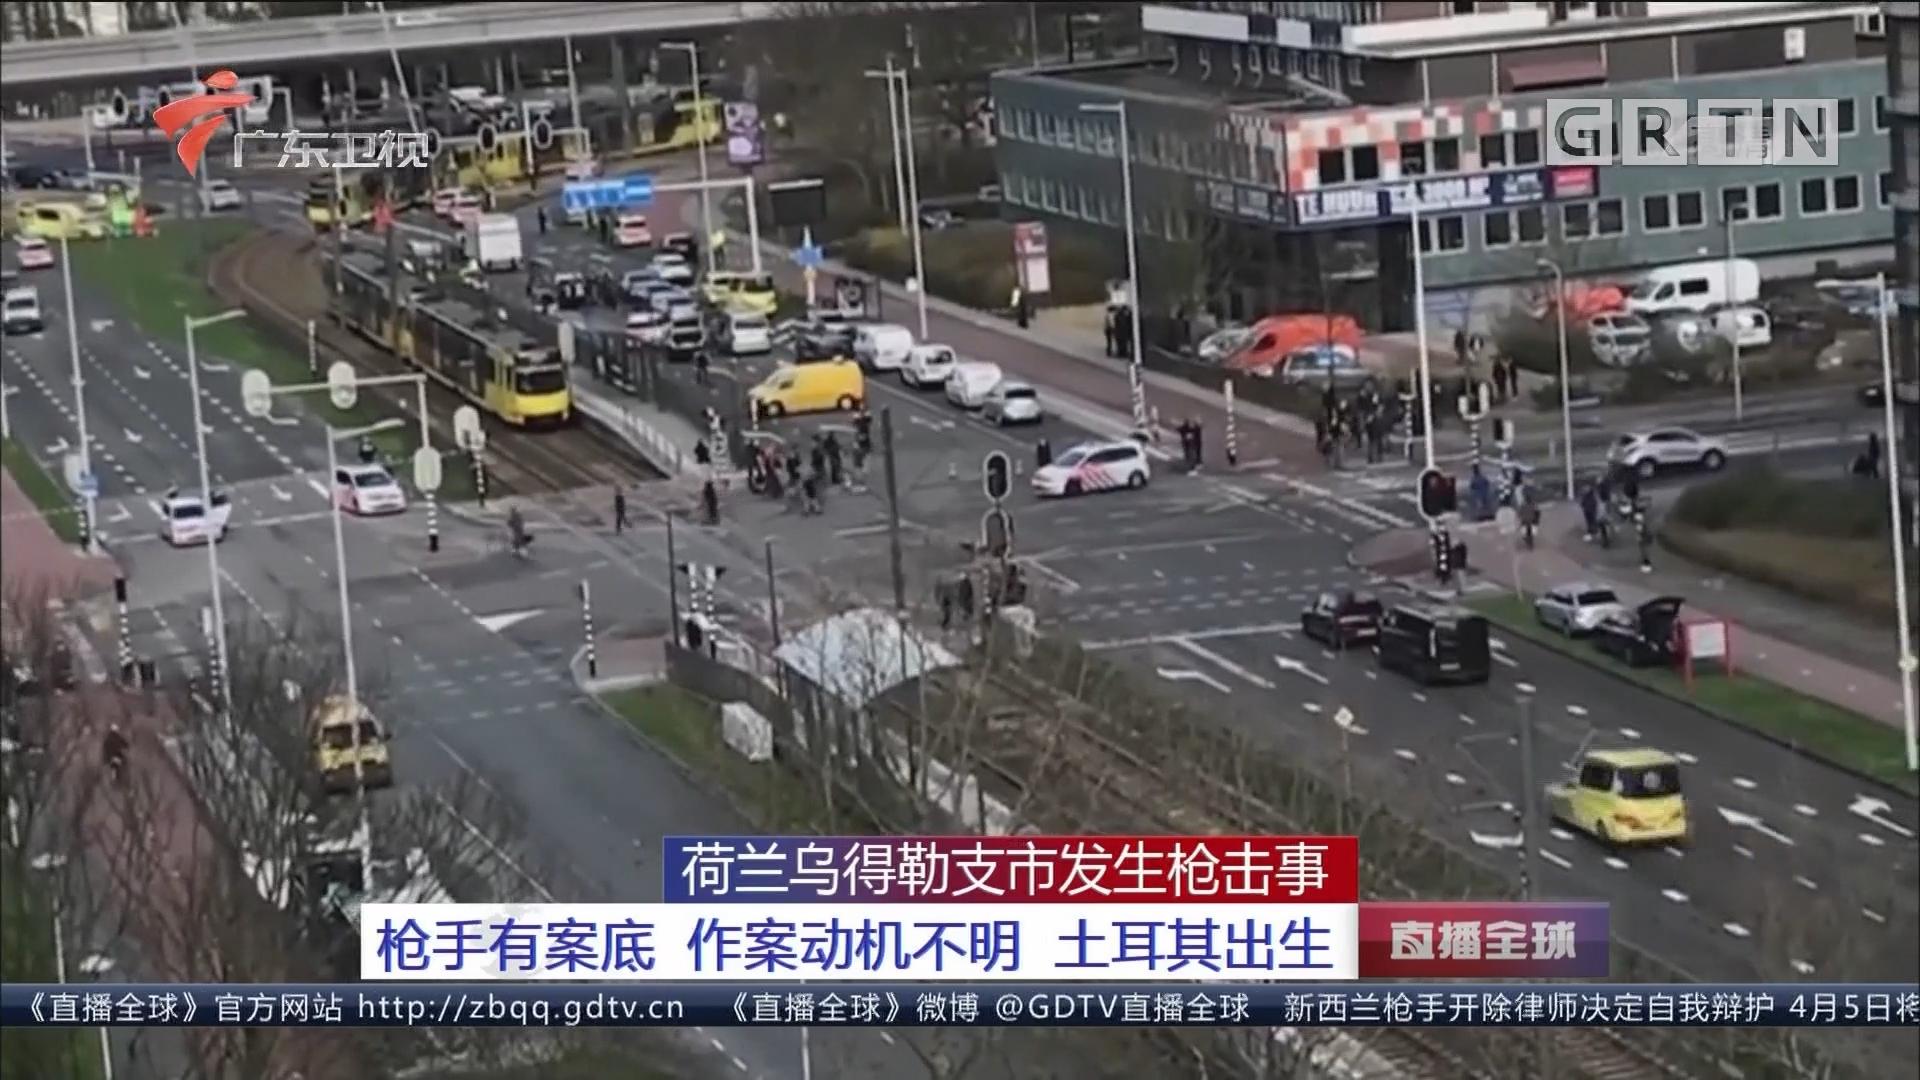 荷兰乌得勒支市发生枪击事:已造成3人死亡 1名枪手落网